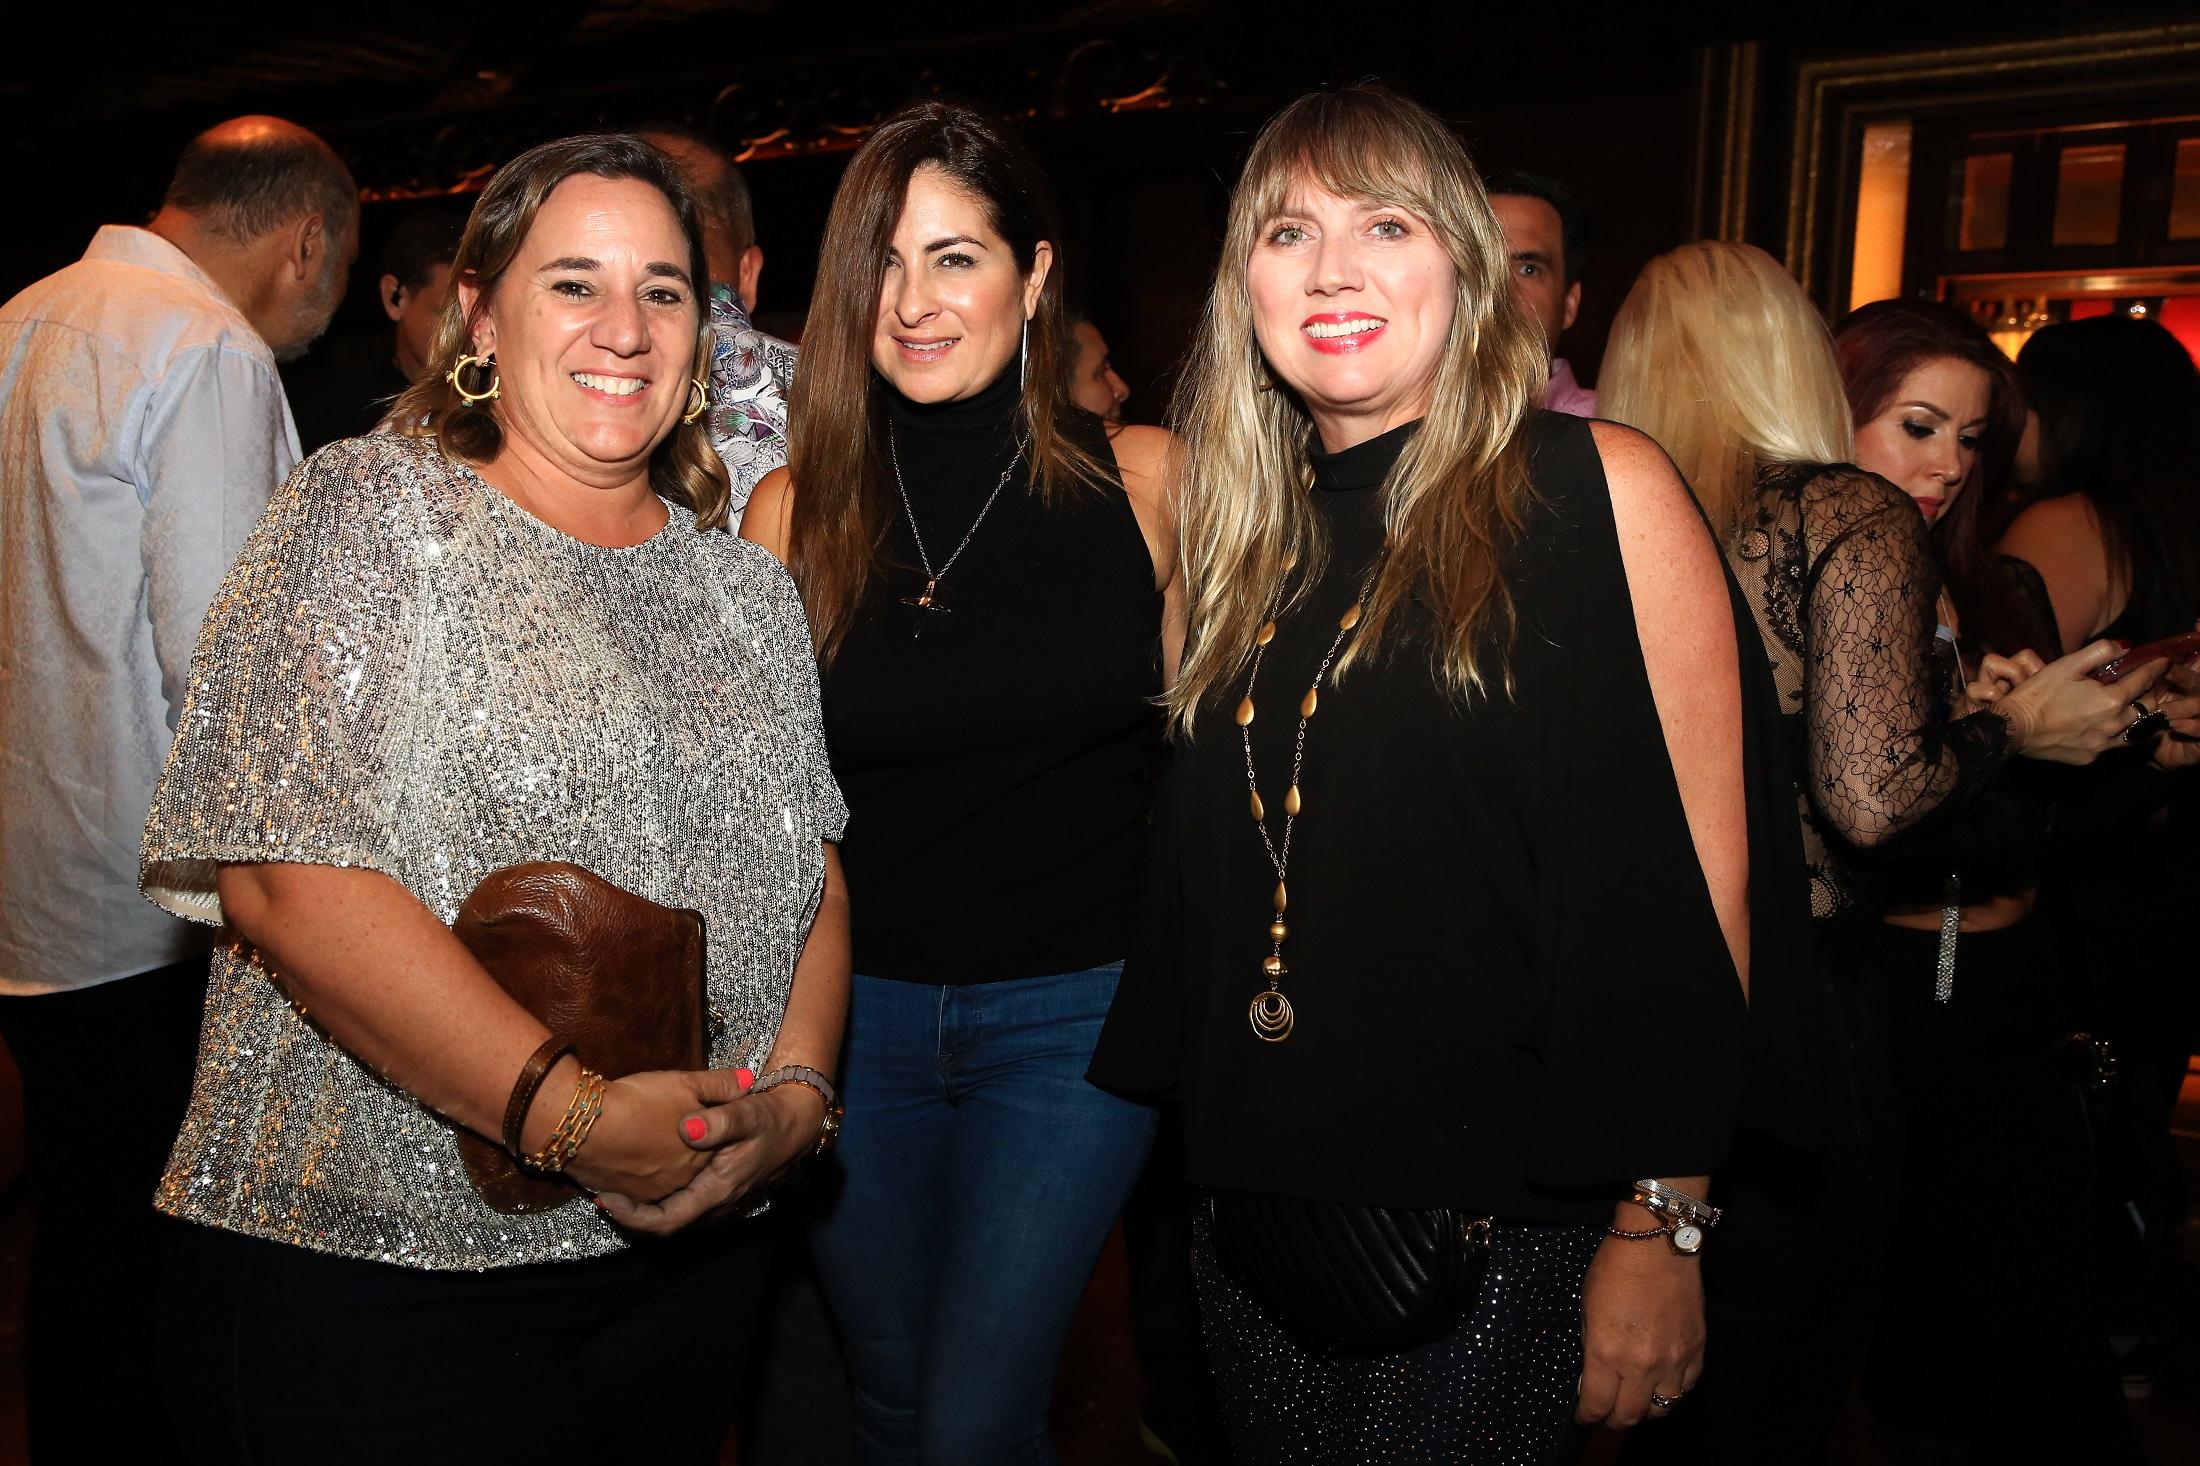 7 Menudo - Jackeline Jergensen, Grishelda Díaz y Michelle Maranges.jpg